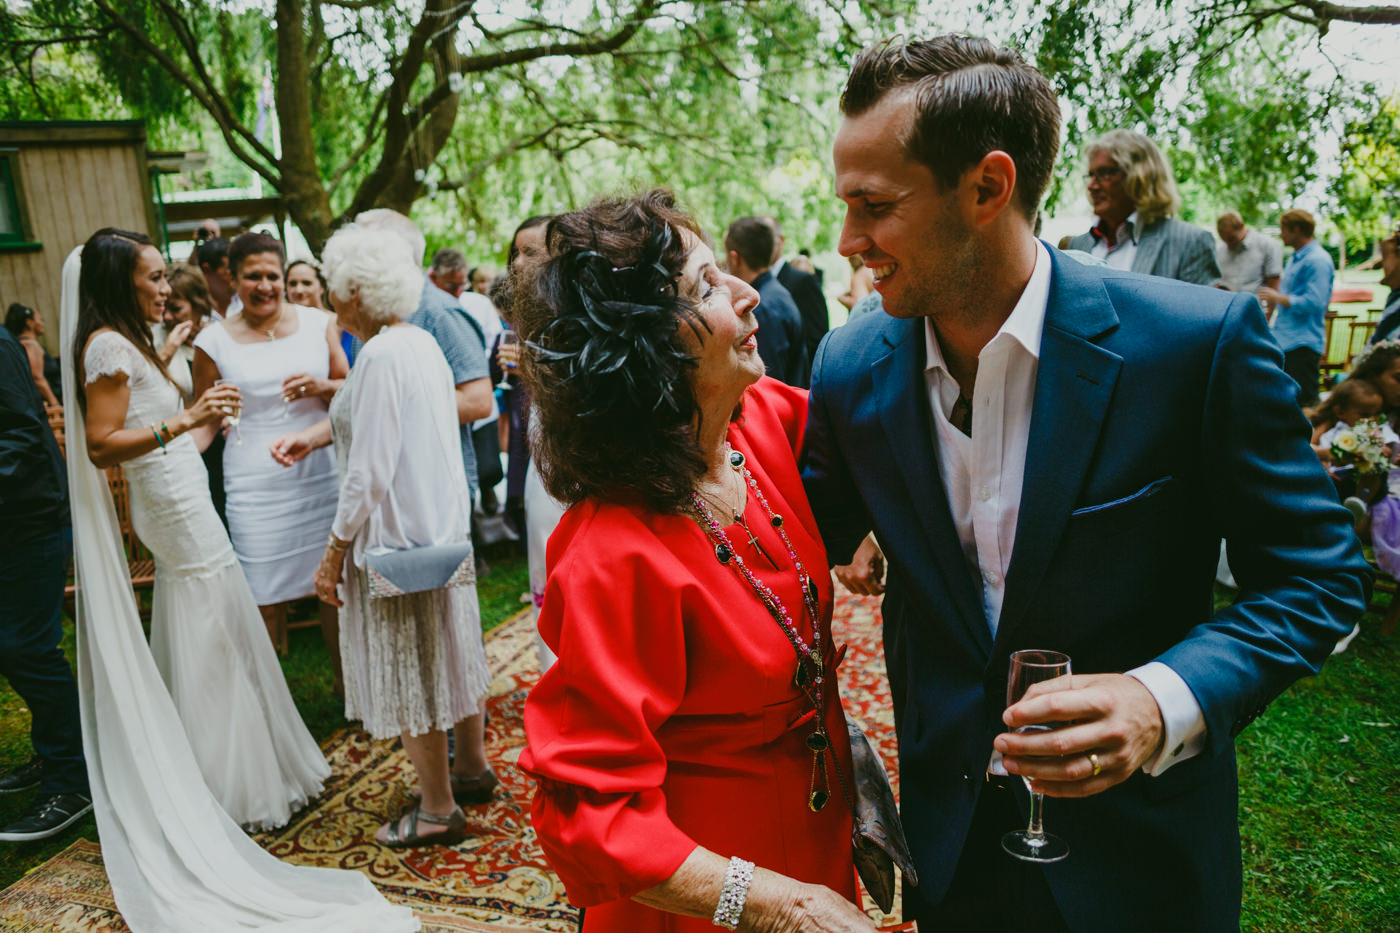 053z_auckland_leigh_wedding_photos.jpg